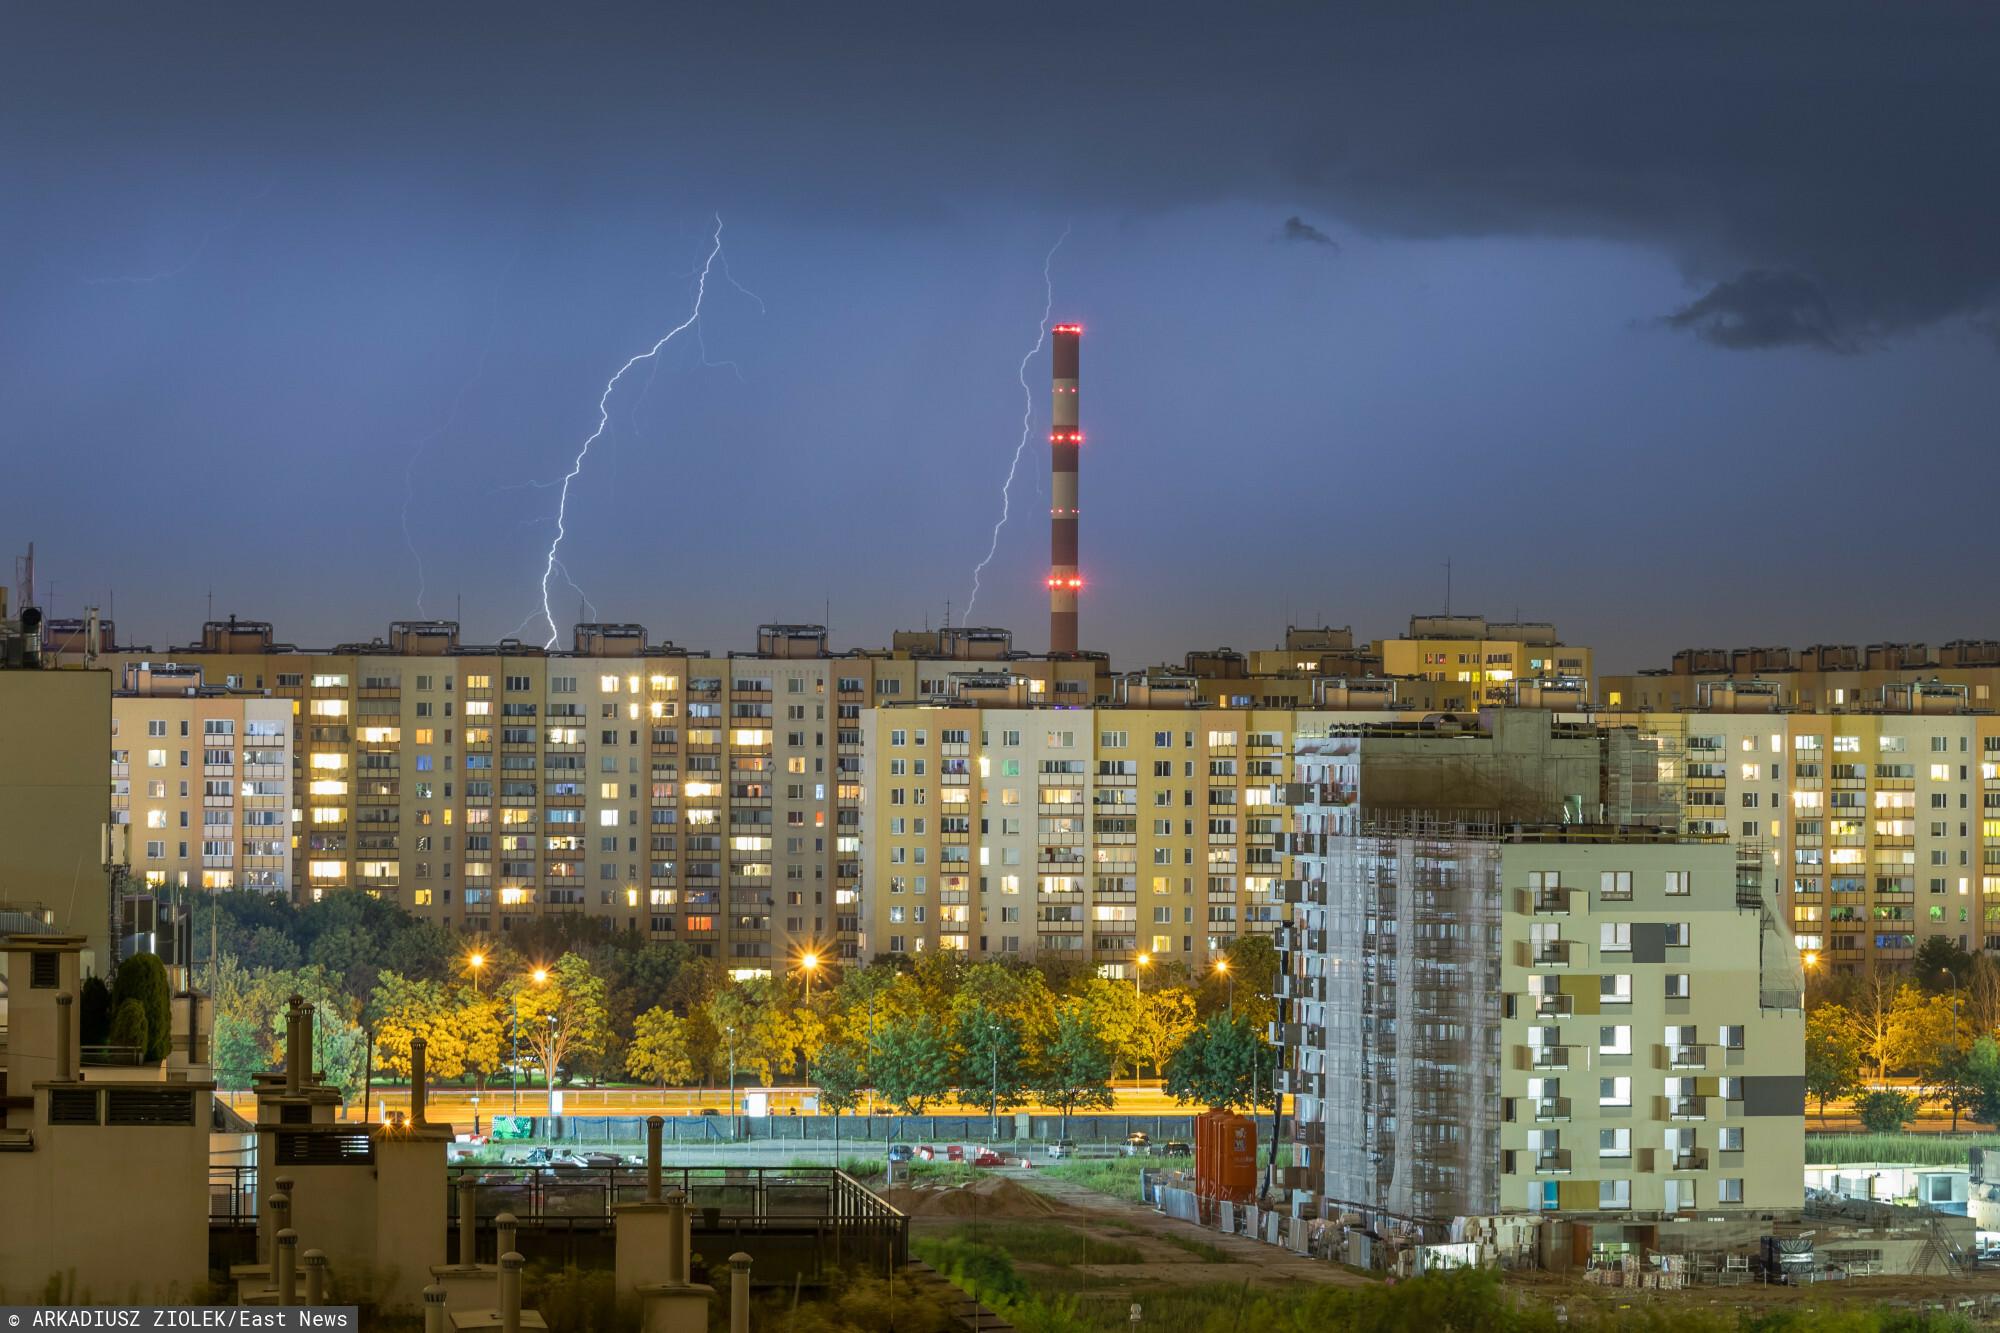 ARKADIUSZ ZIOLEK/East News - zdjęcie ilustracyjne